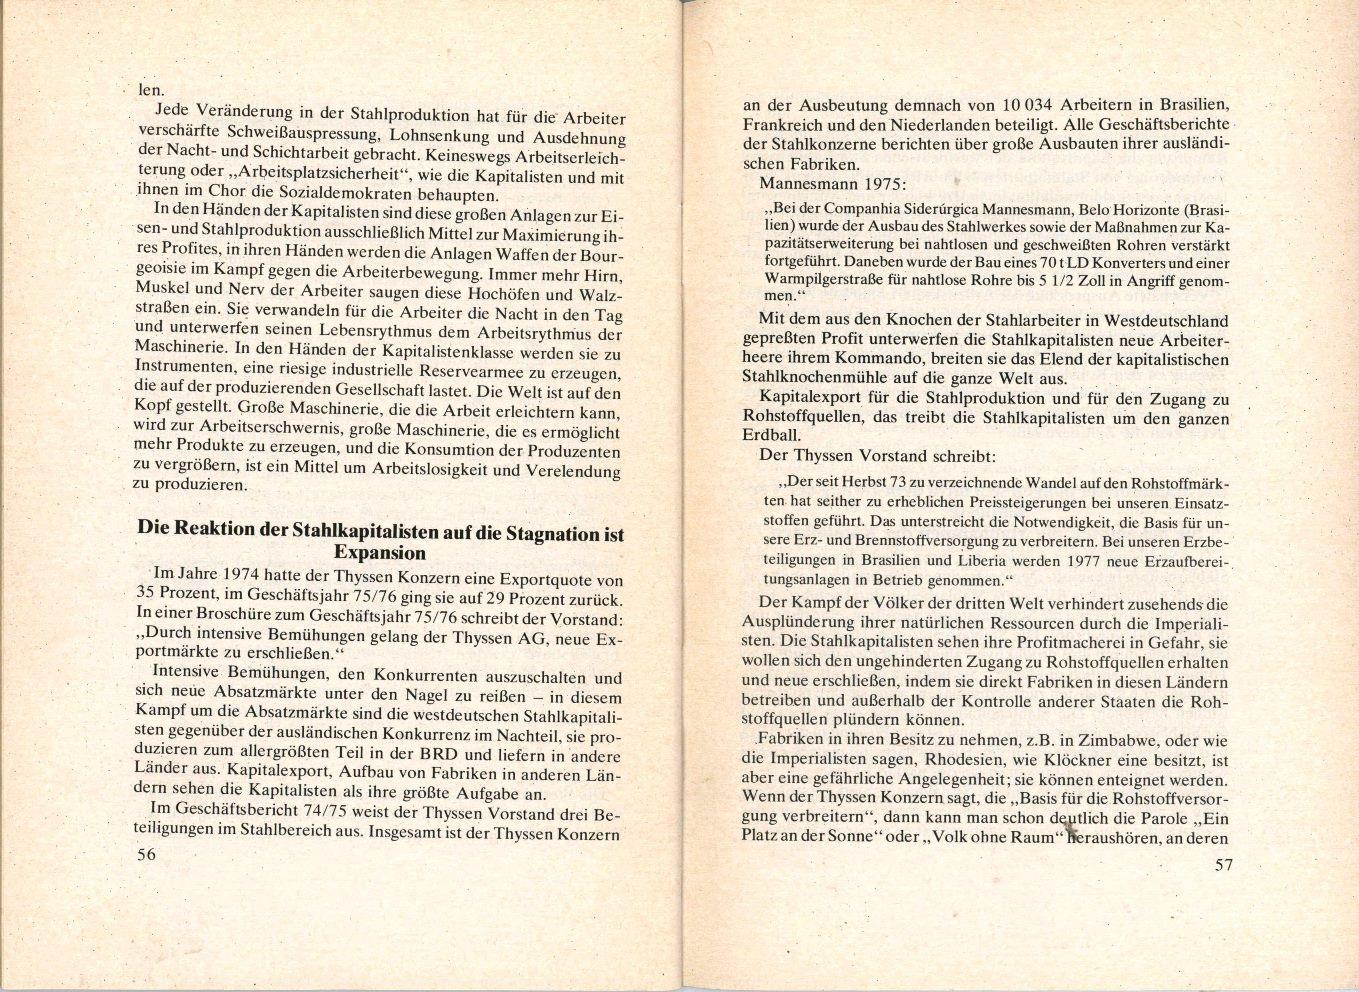 IGM_KBW_Krise_in_der_Stahlindustrie_1977_30